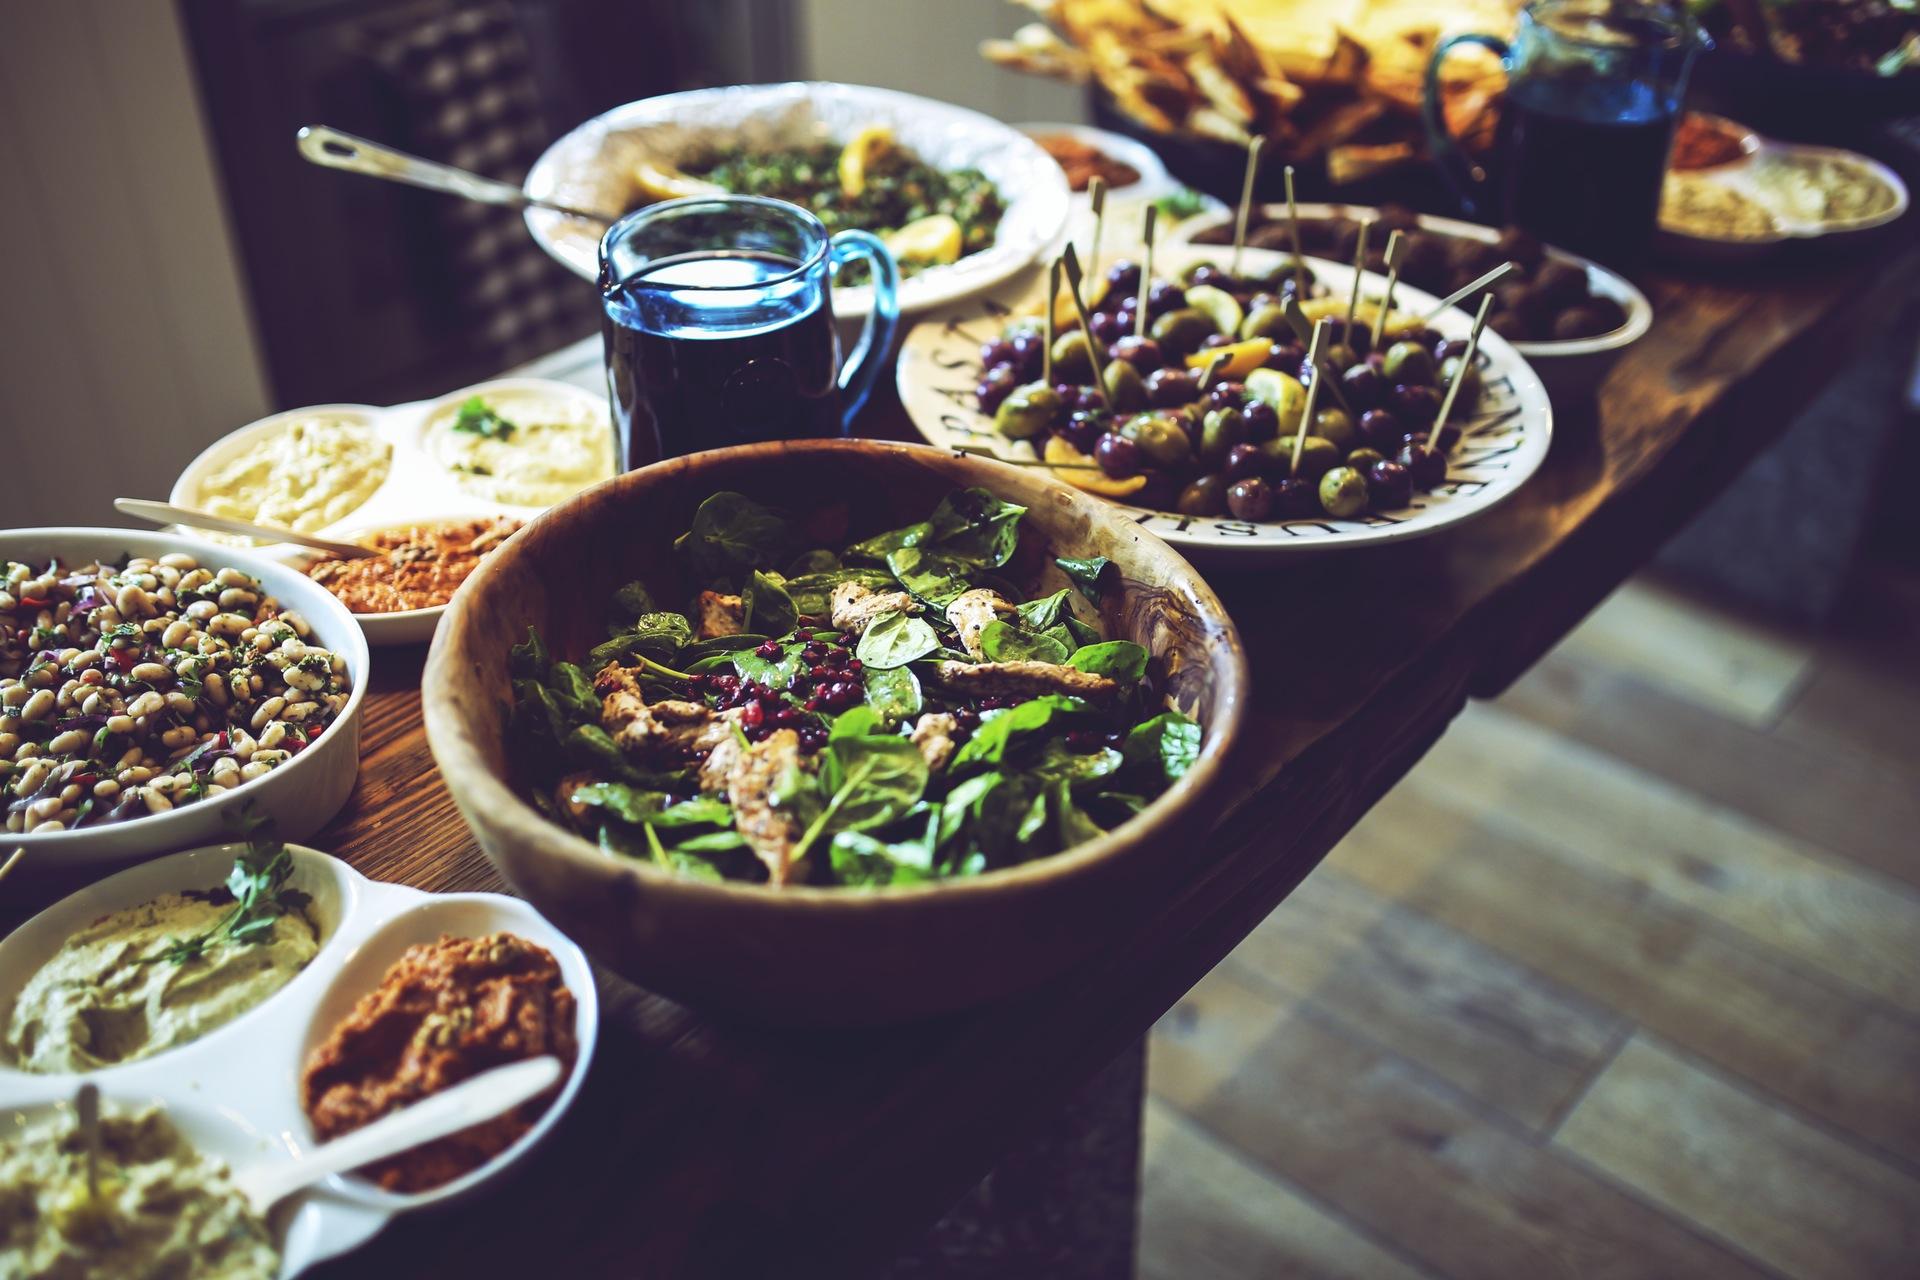 食品, 沙拉, 蔬菜, 健康, 厨房, 美味 - 高清壁纸 - 教授-falken.com